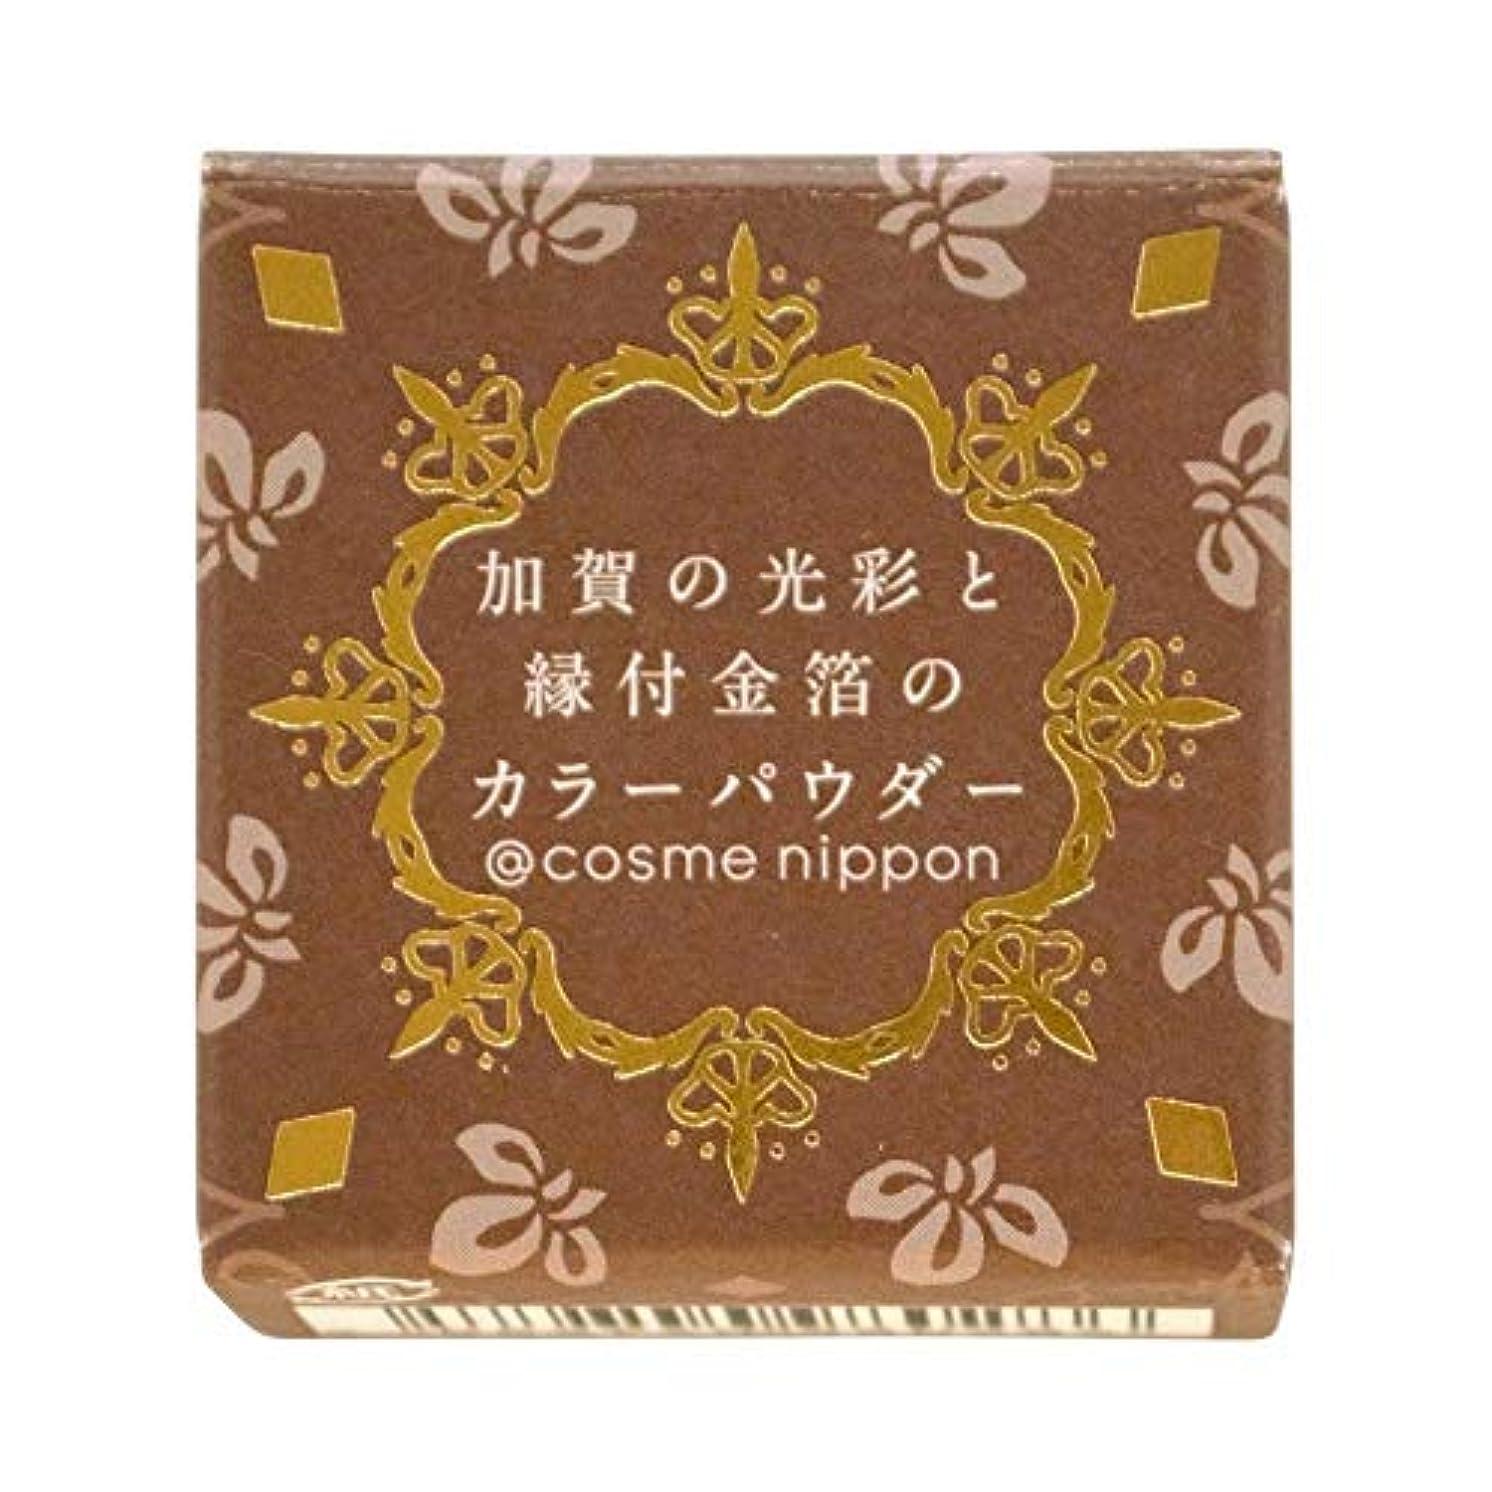 海外マットレス現像友禅工芸 すずらん加賀の光彩と縁付け金箔のカラーパウダー04黄土おうど